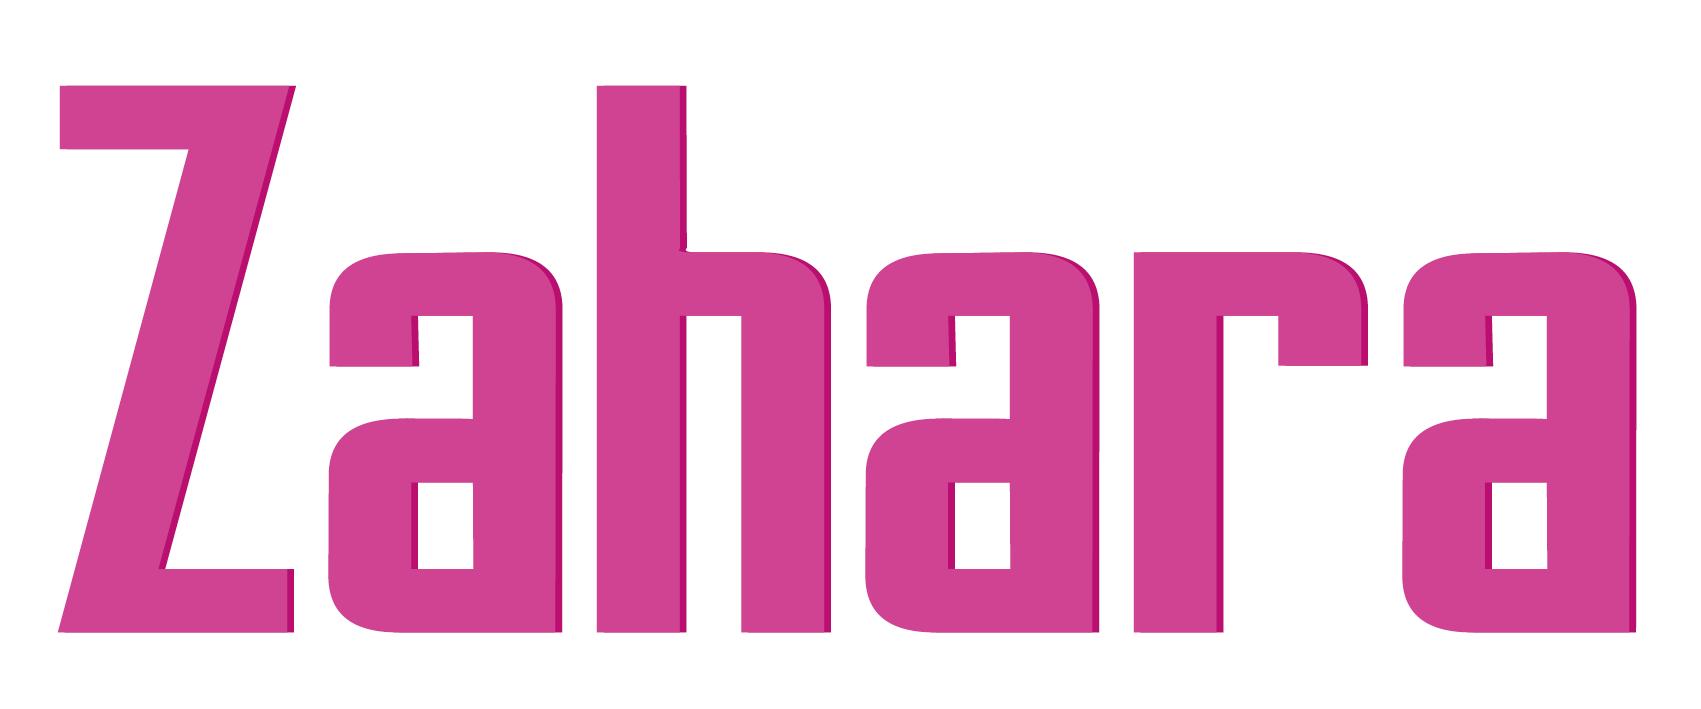 significado de zahara